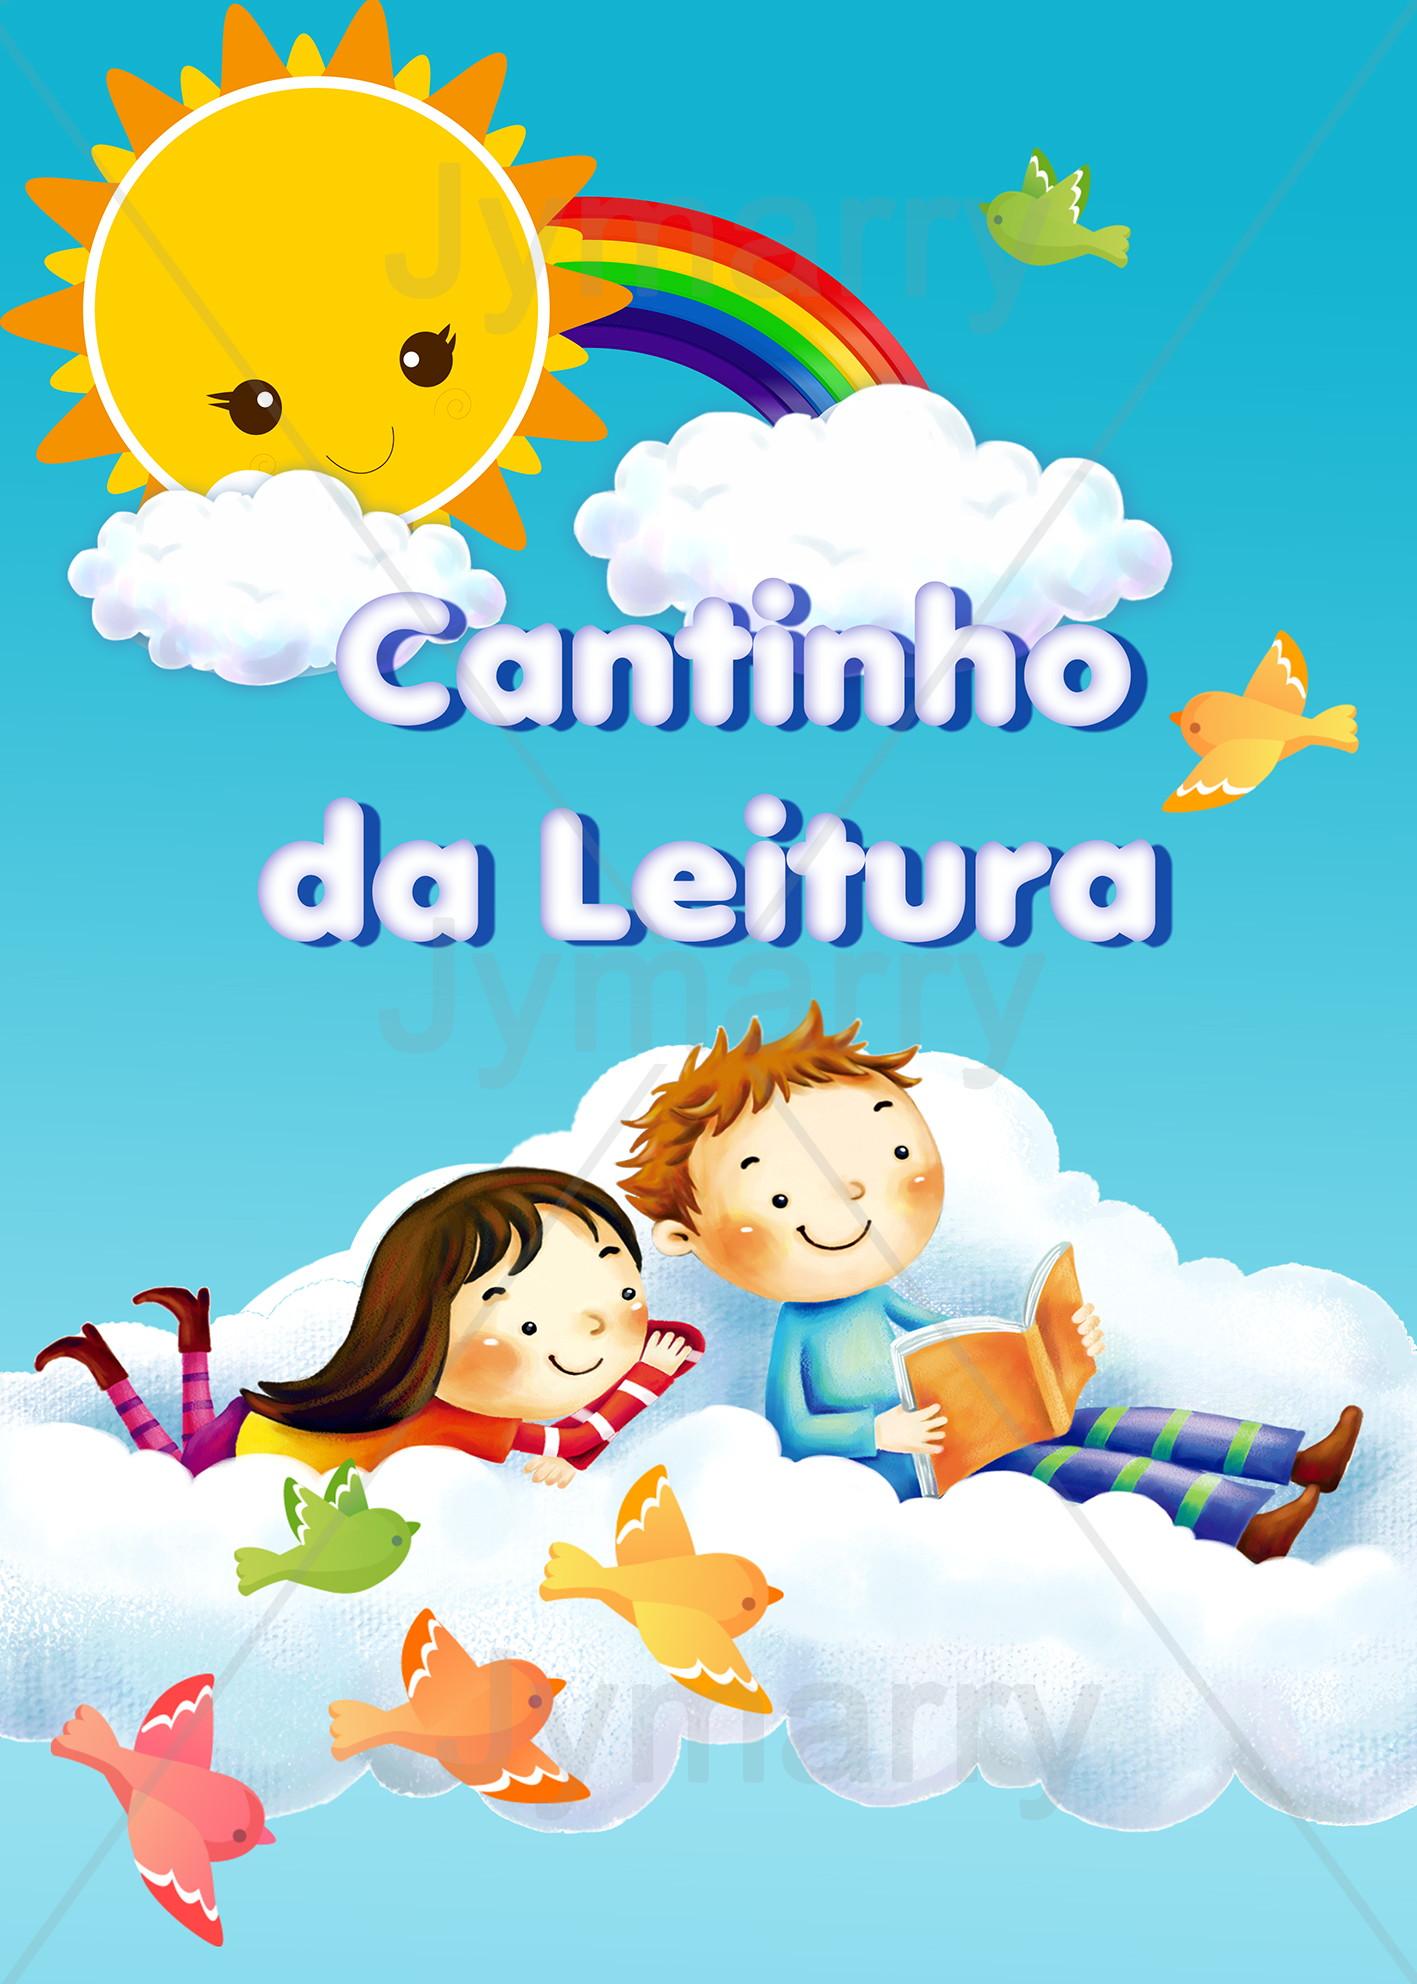 Banner Cantinho Da Leitura 50x70cm No Elo7 Jymarry Art S D3f497